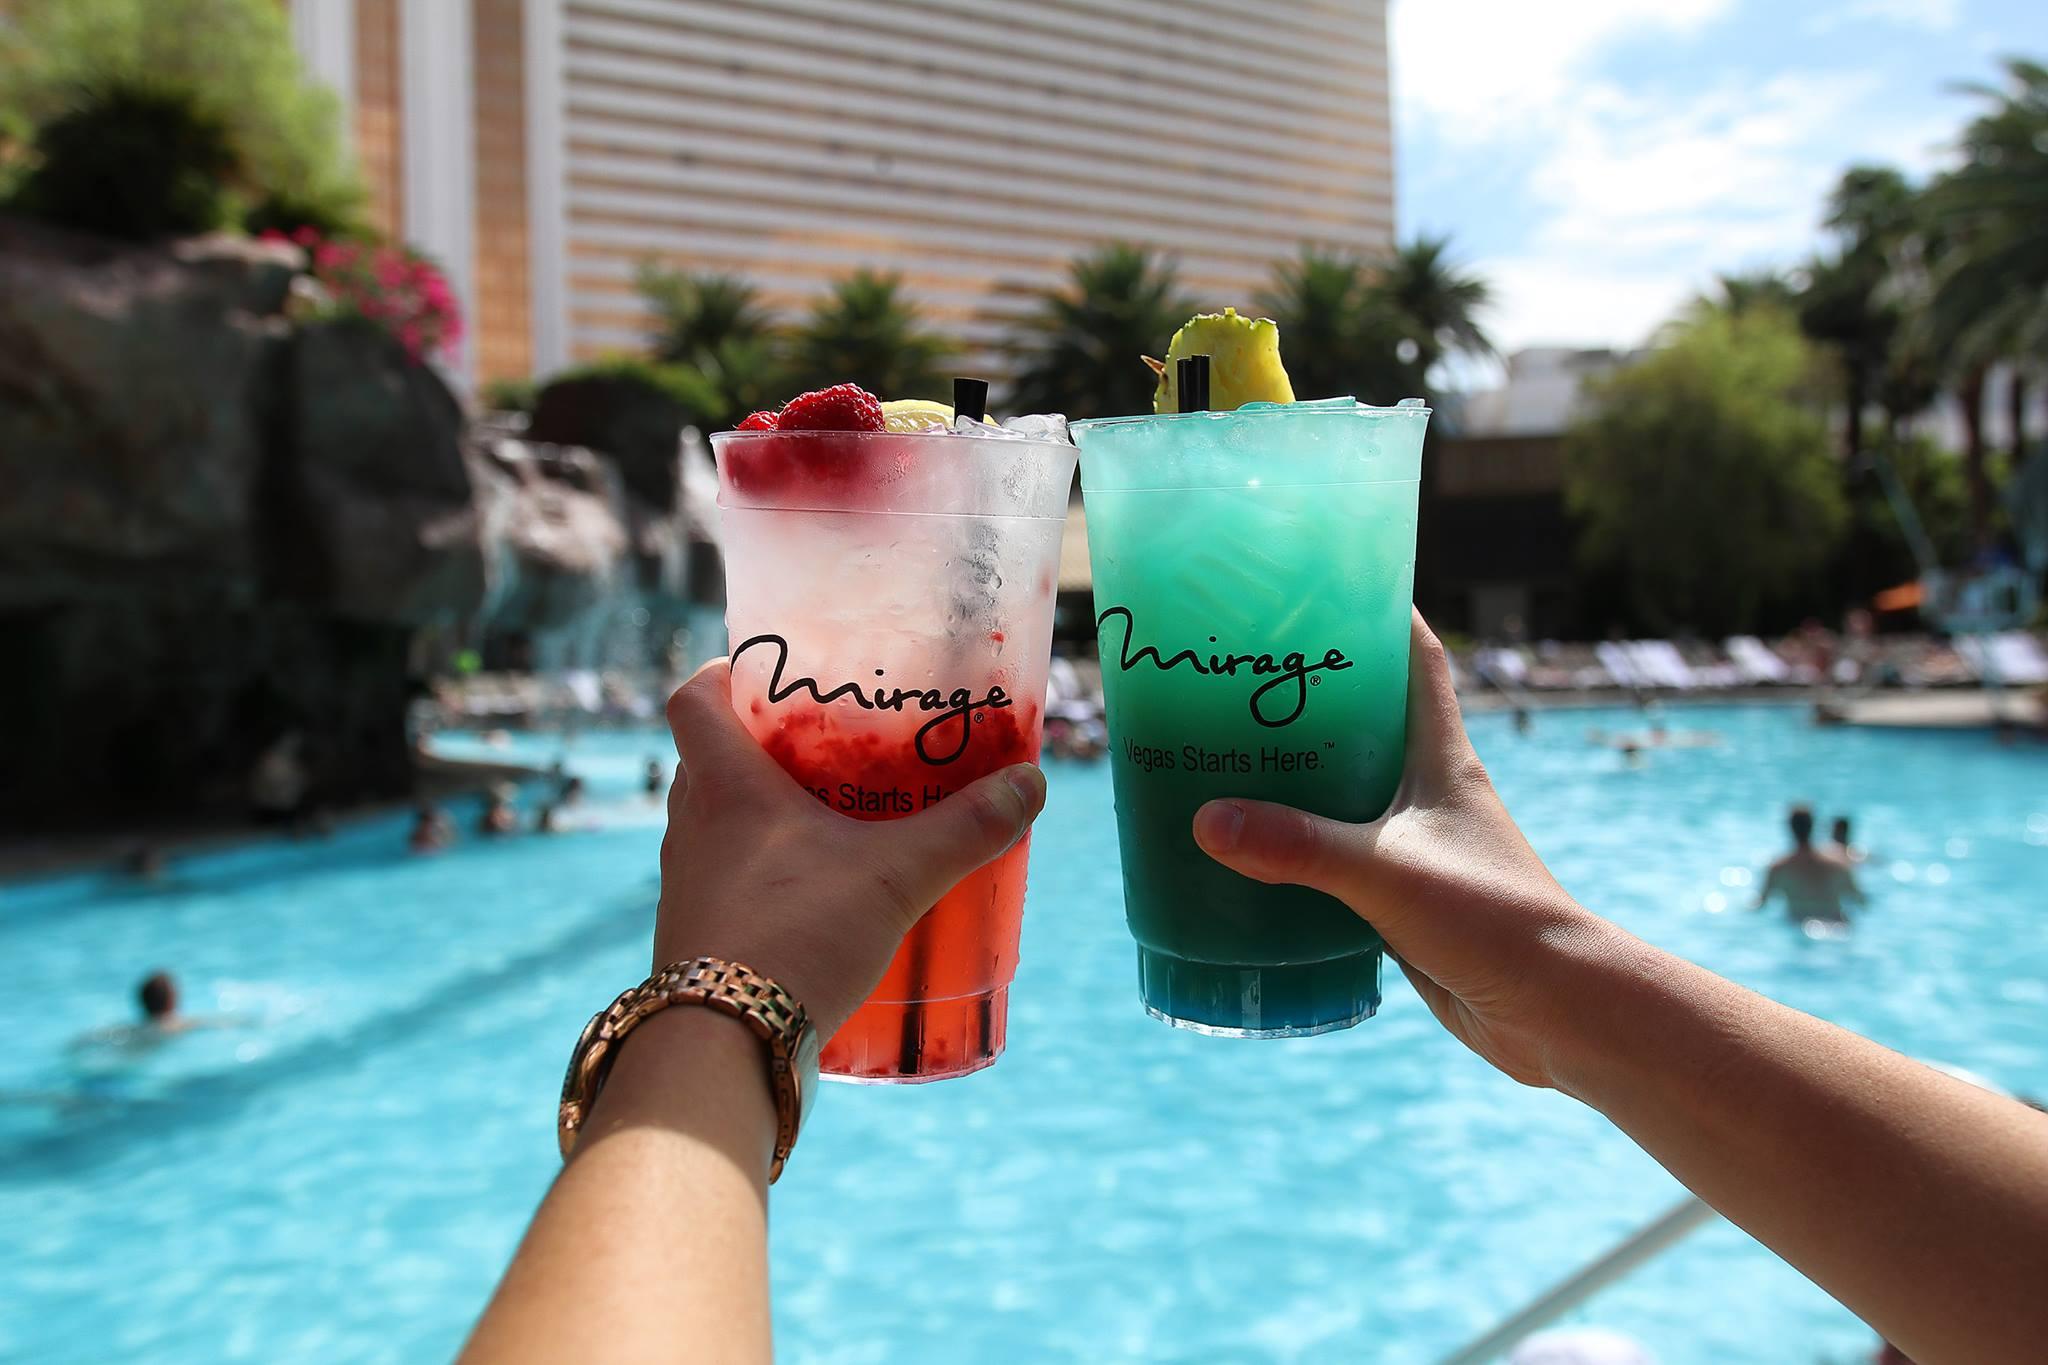 mirage drinks vegas